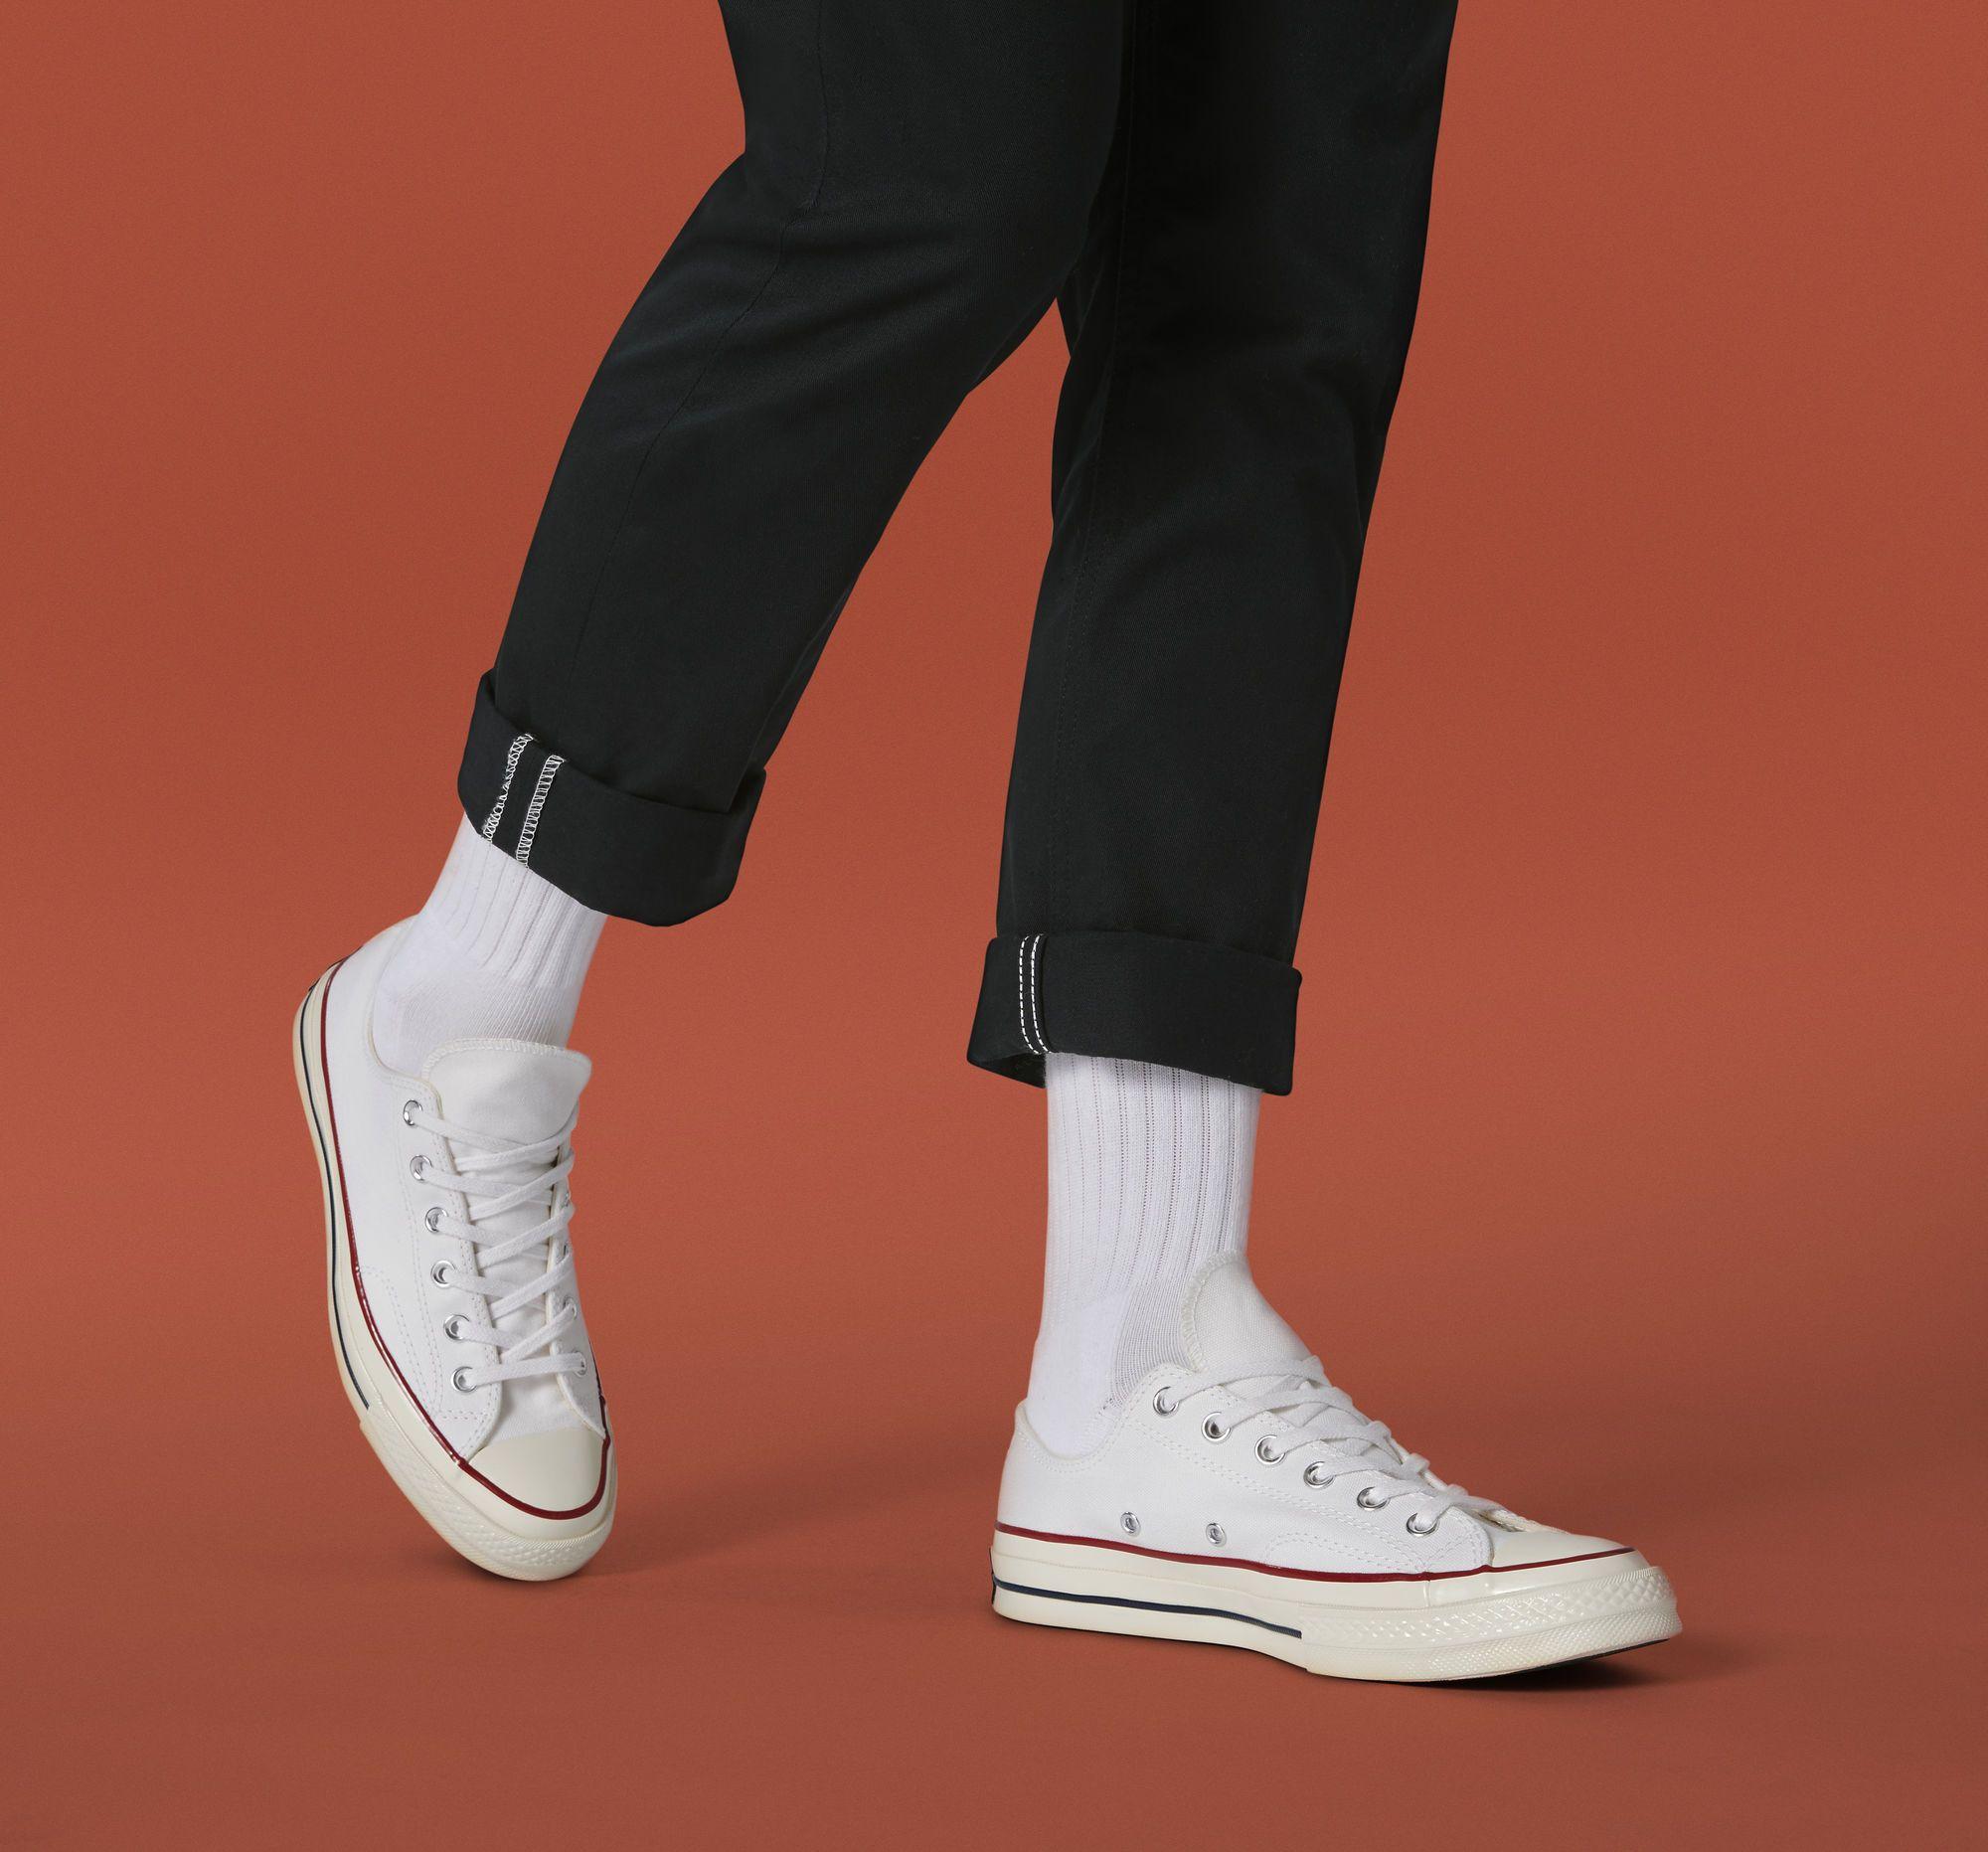 Chuck 70 Unisex Low Top Shoe. Converse